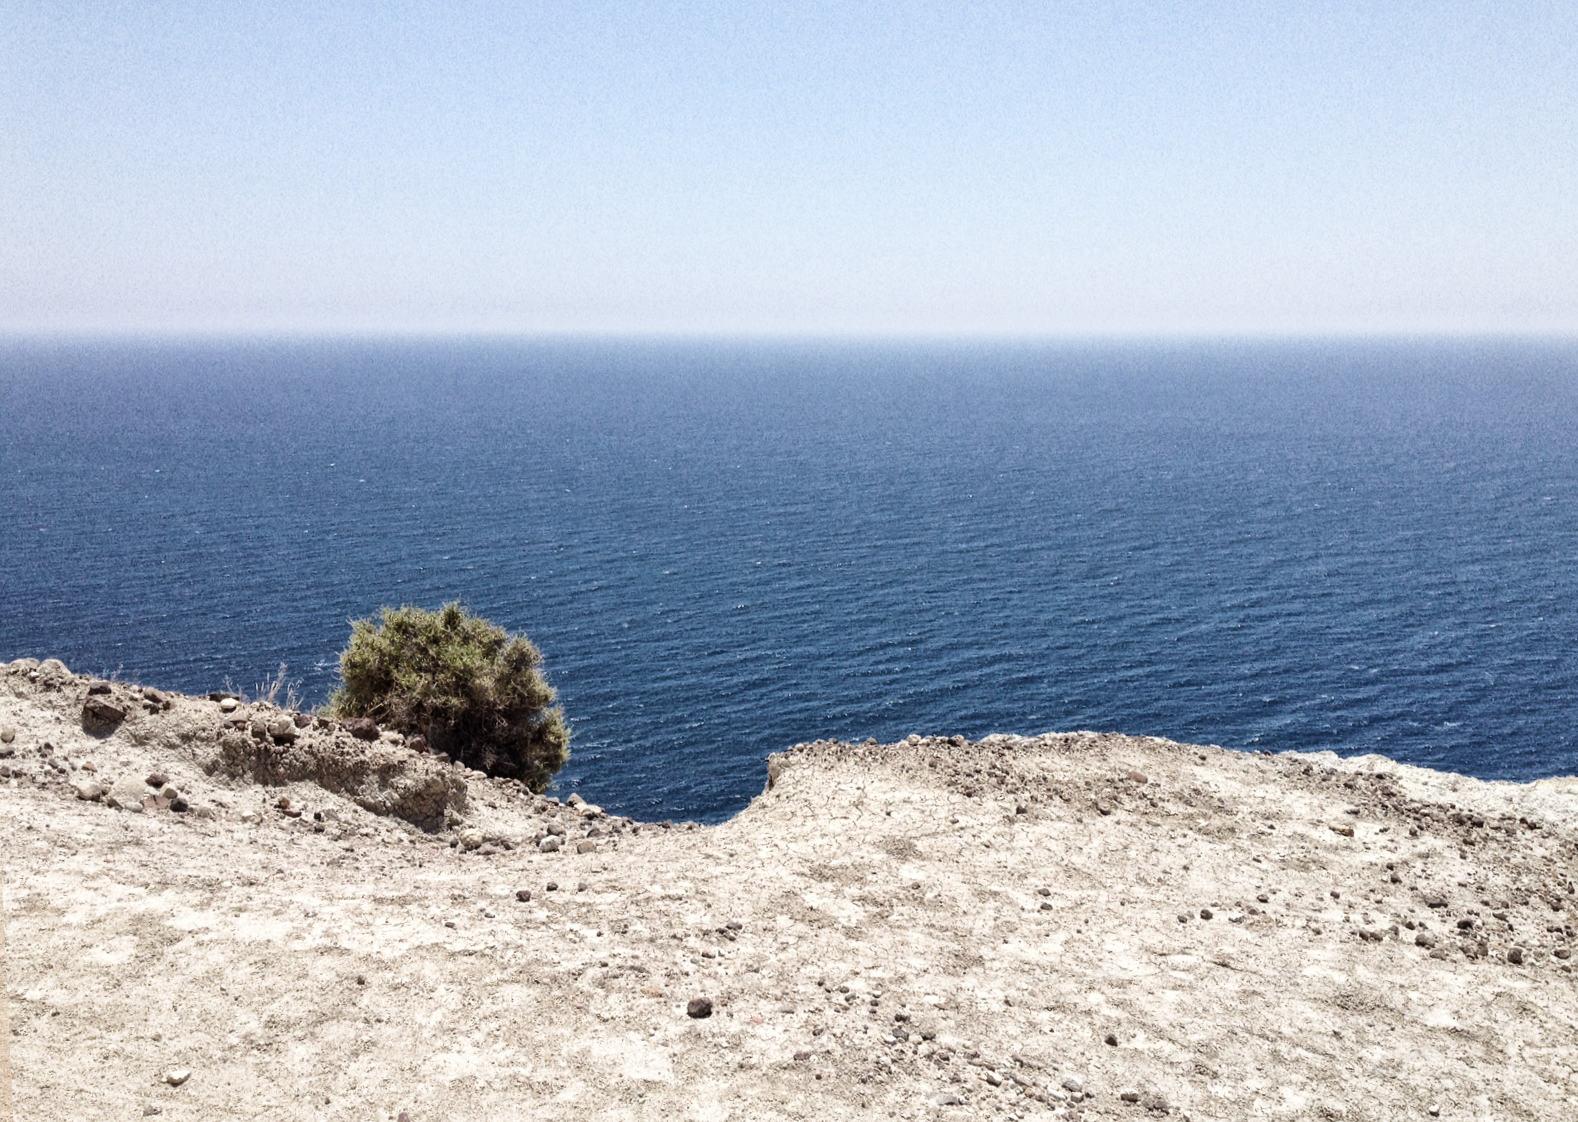 Andalusien Rundreise Tipps: subtropisches Klima an den Küsten und Wüstenbedingungen im Inland